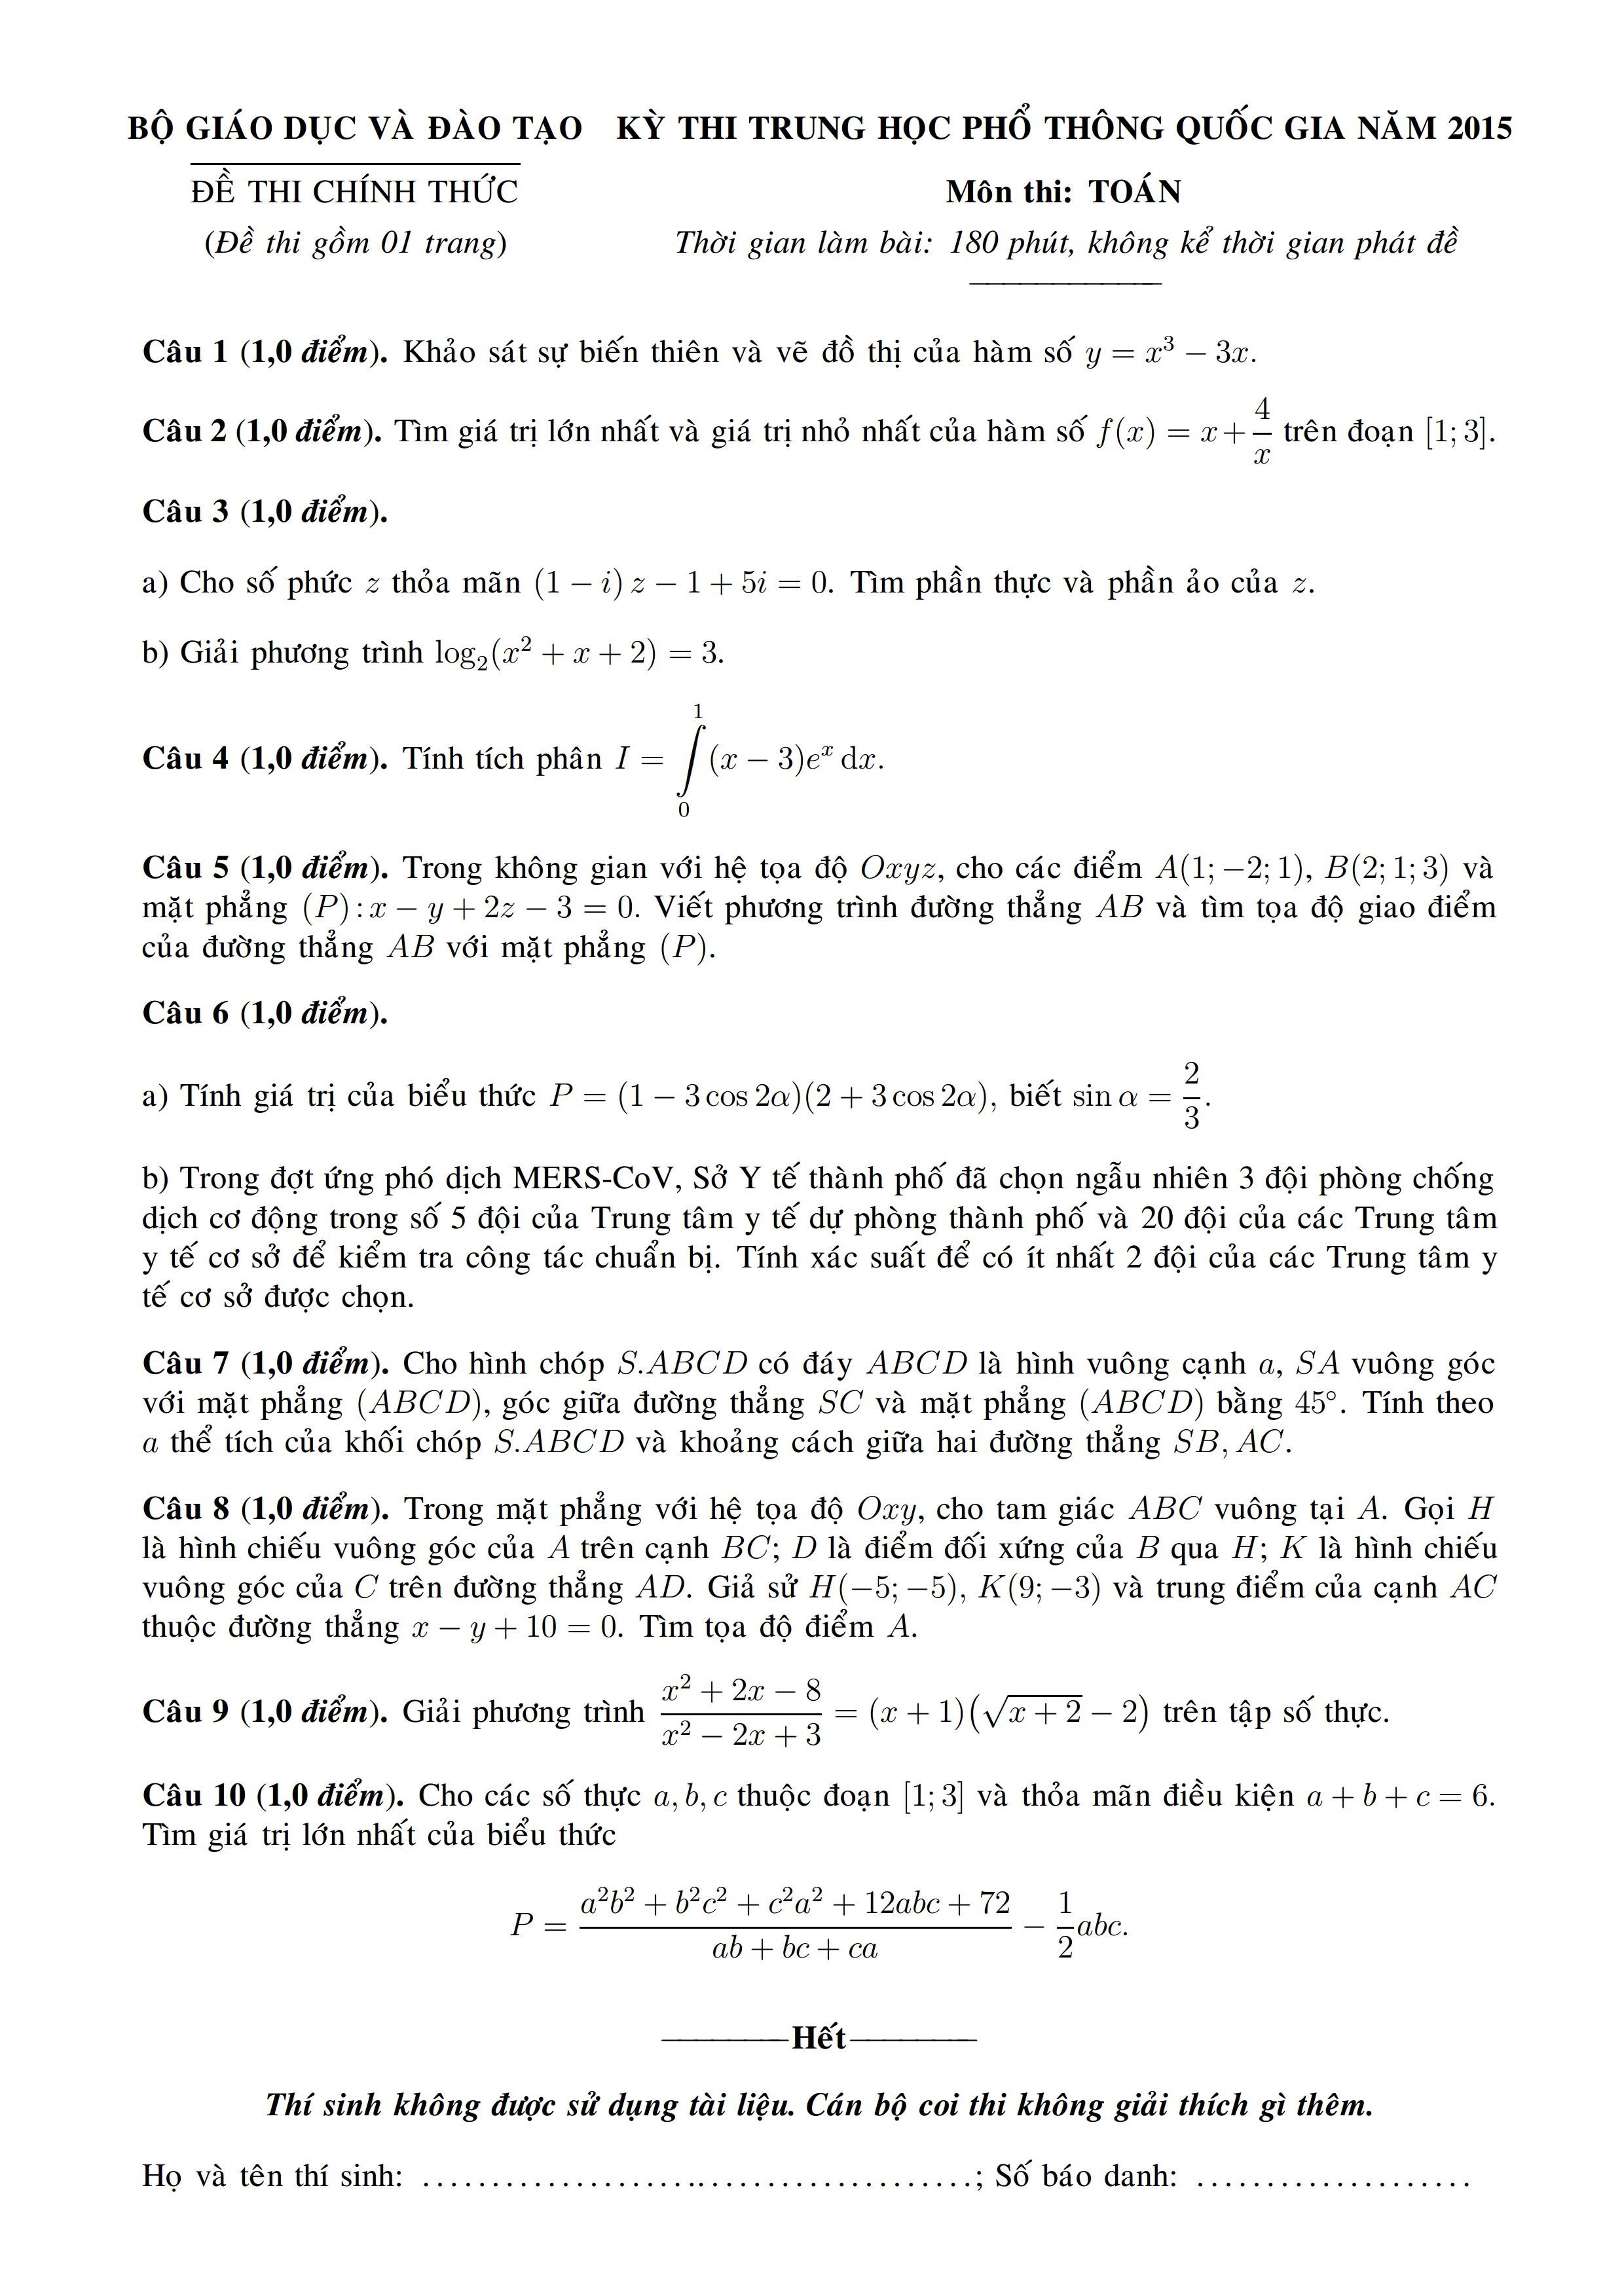 đề thi toán đại học 2015